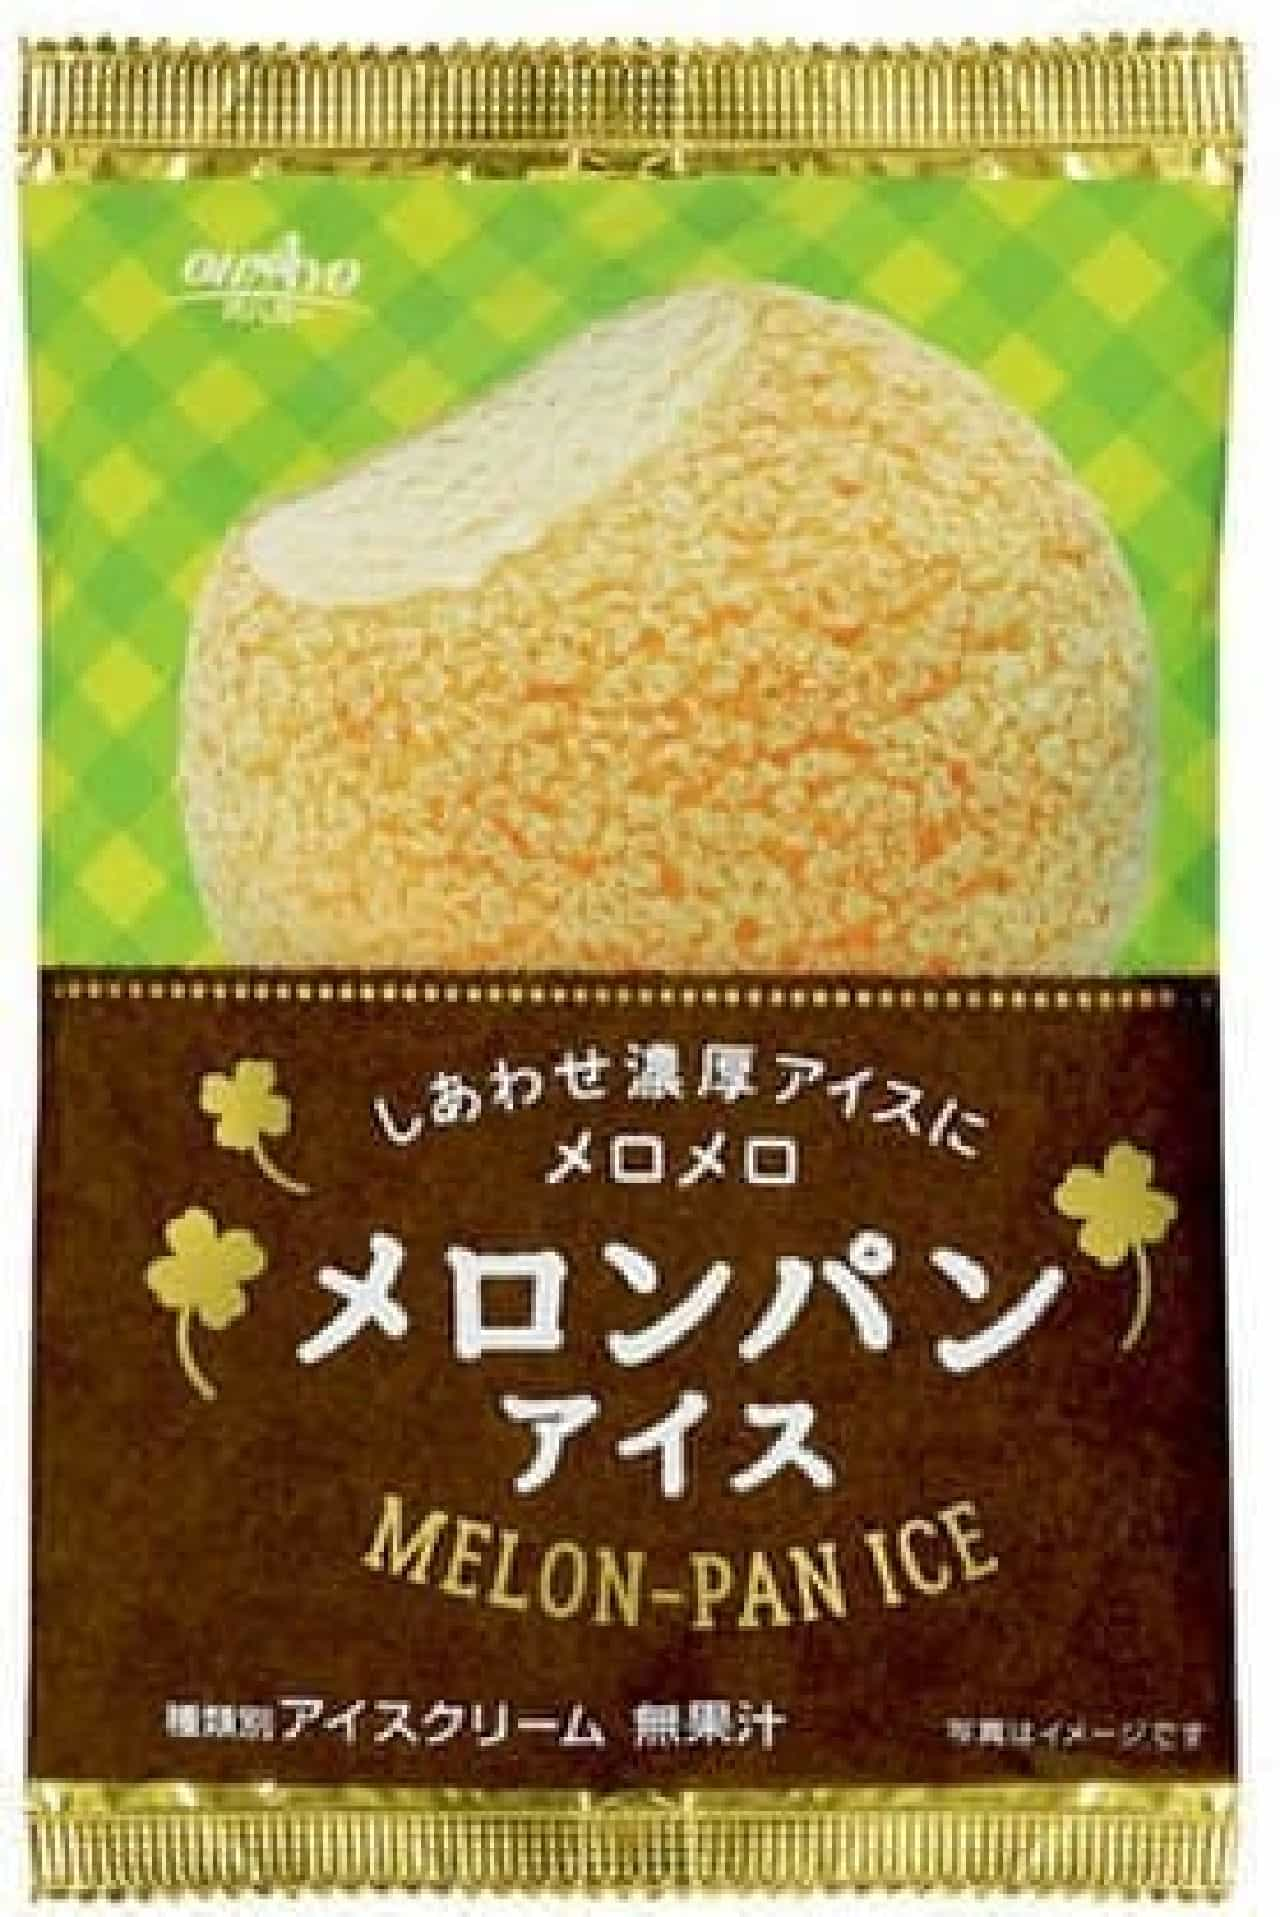 ファミリーマート「メロンパンアイス」